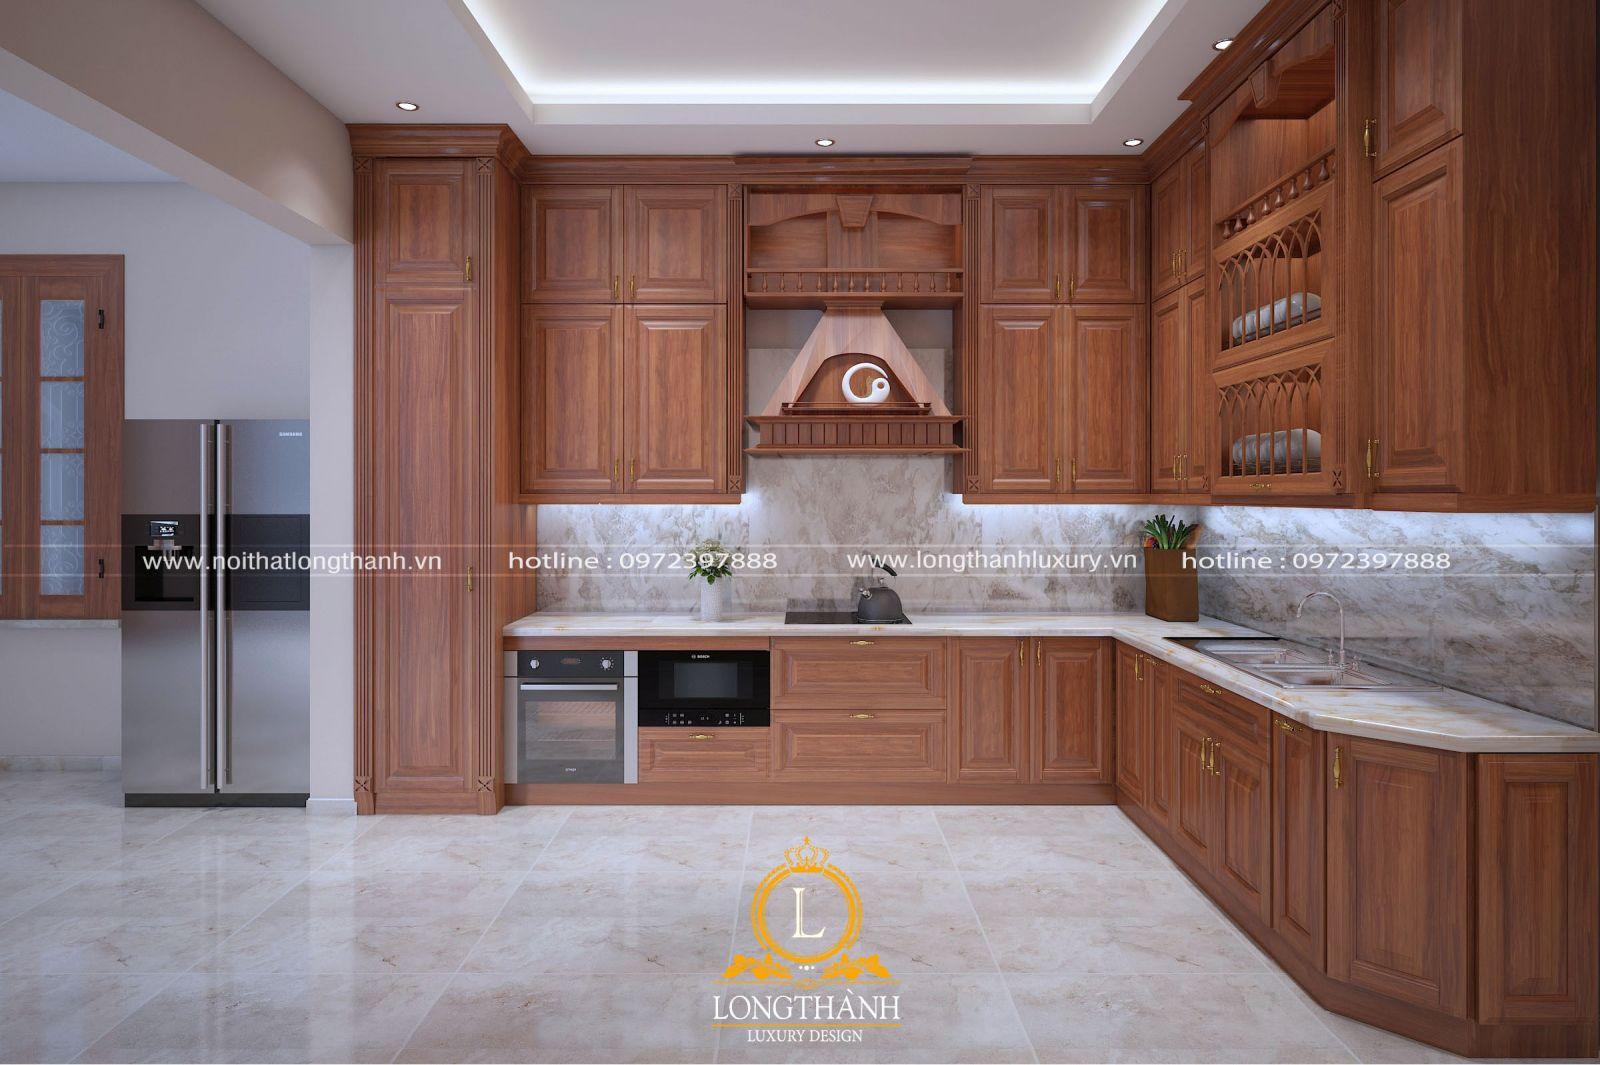 Dự án thiết kế không gian bếp anh Hữu, Văn Giang, Hưng Yên